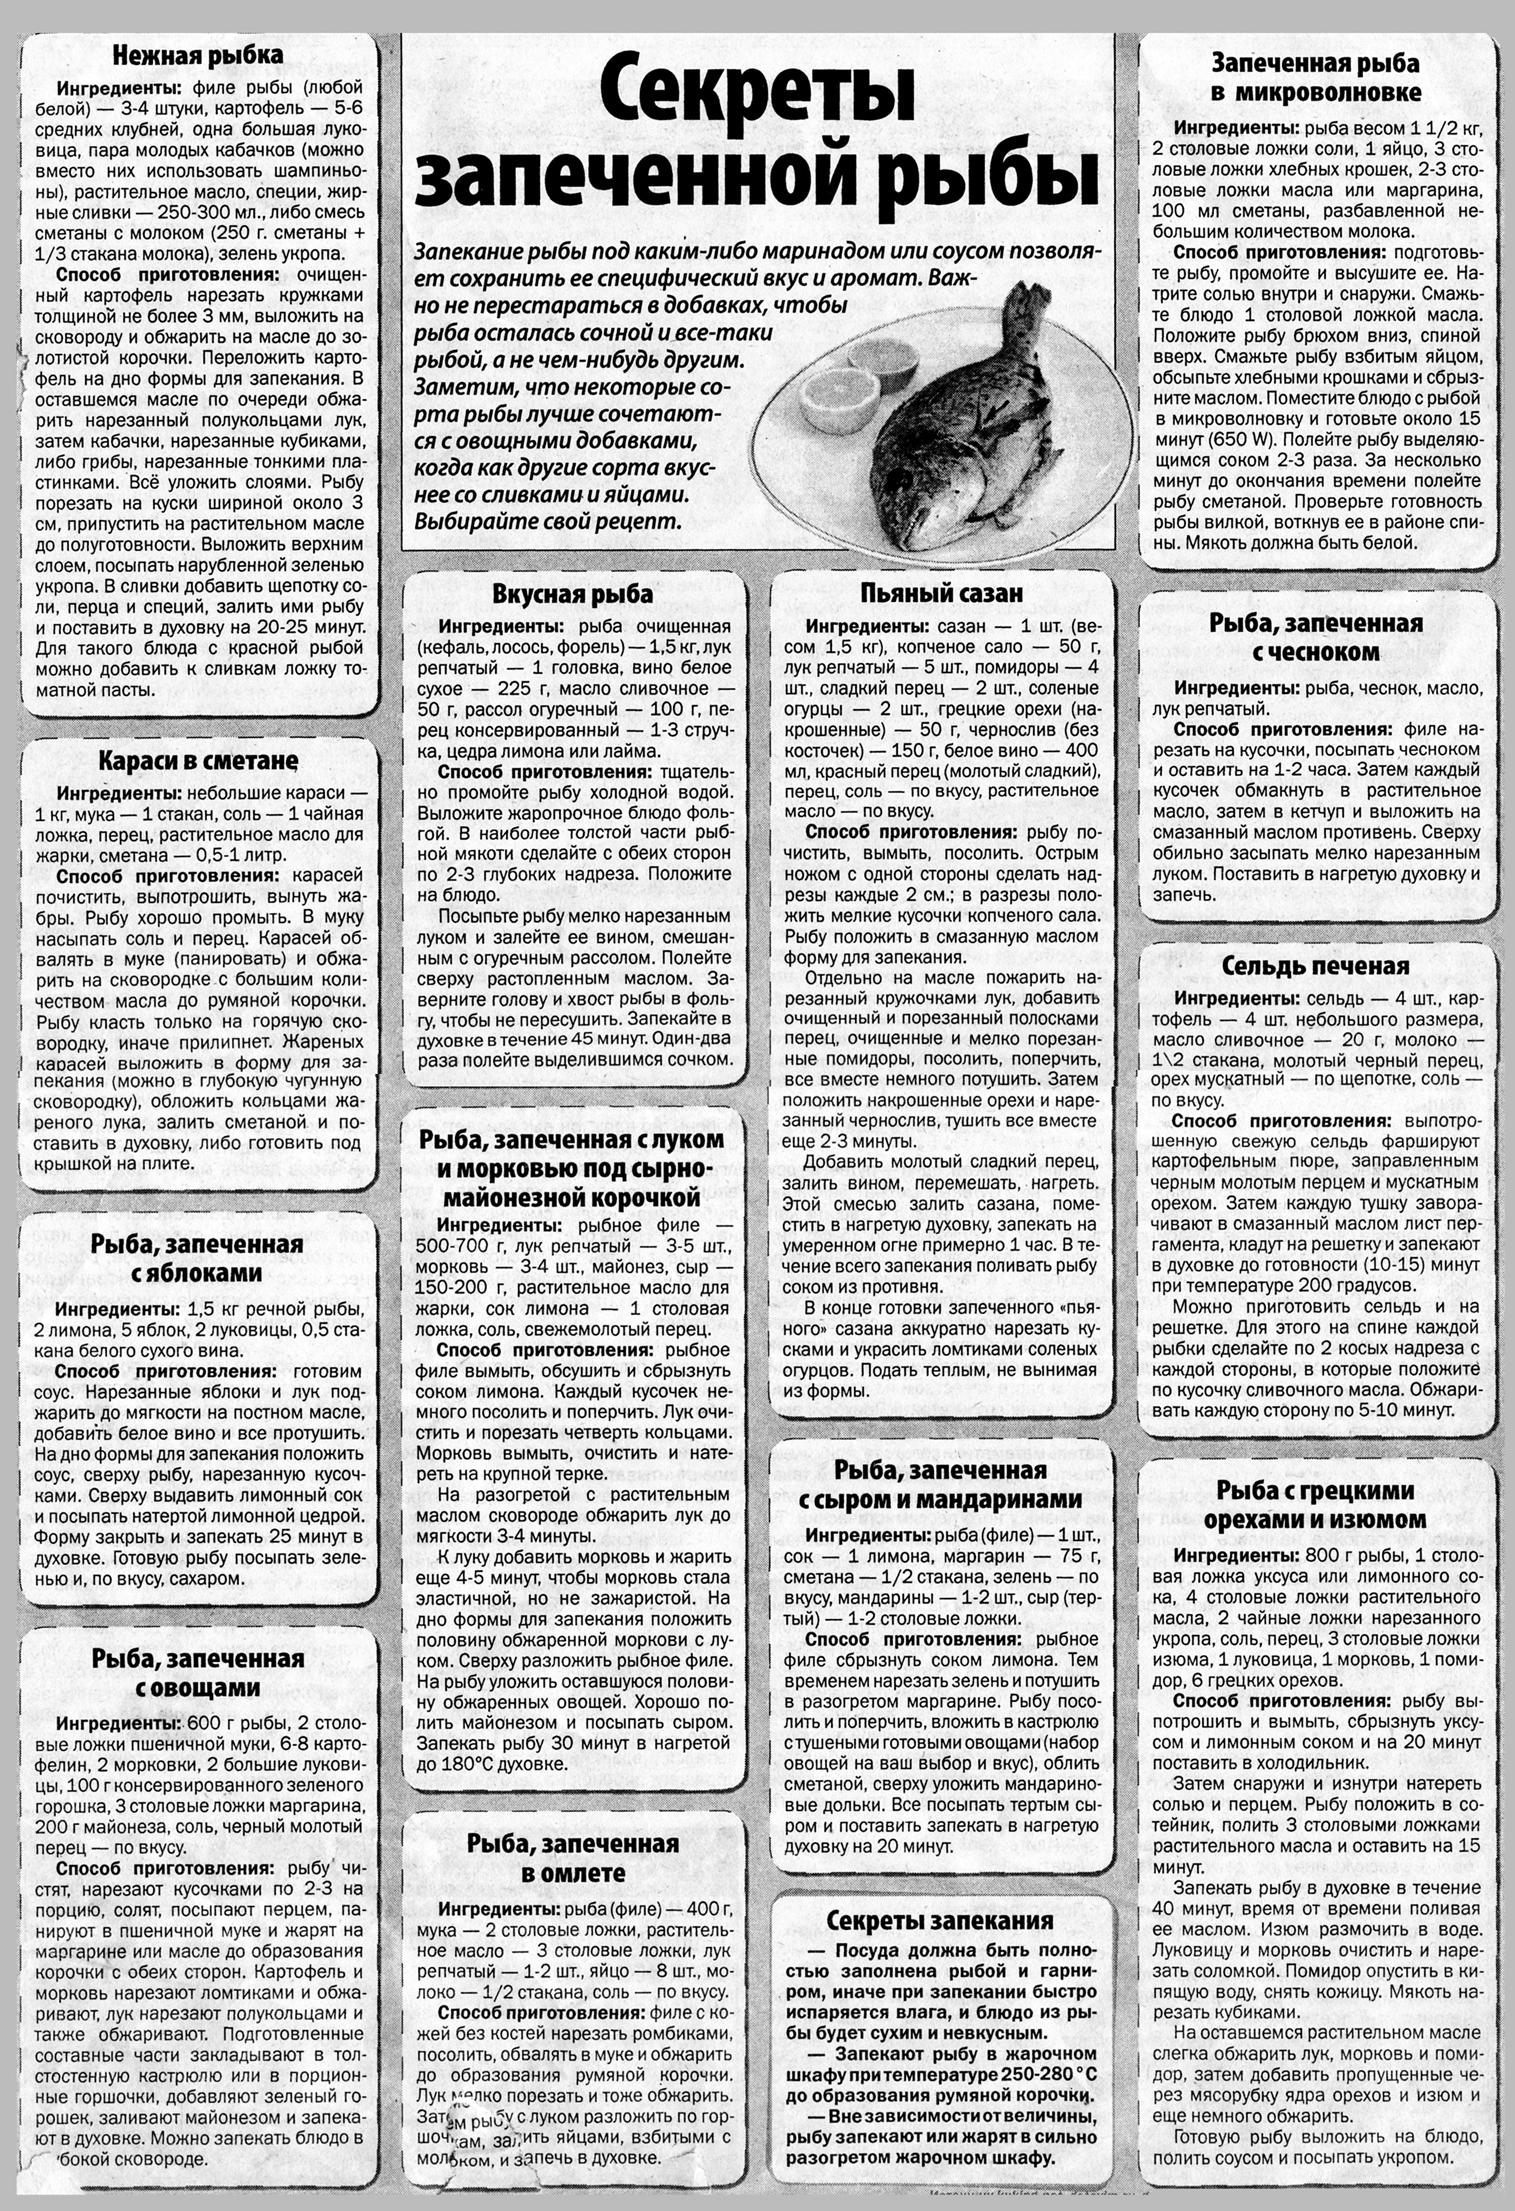 Запеченная рыба: подборка рецептов